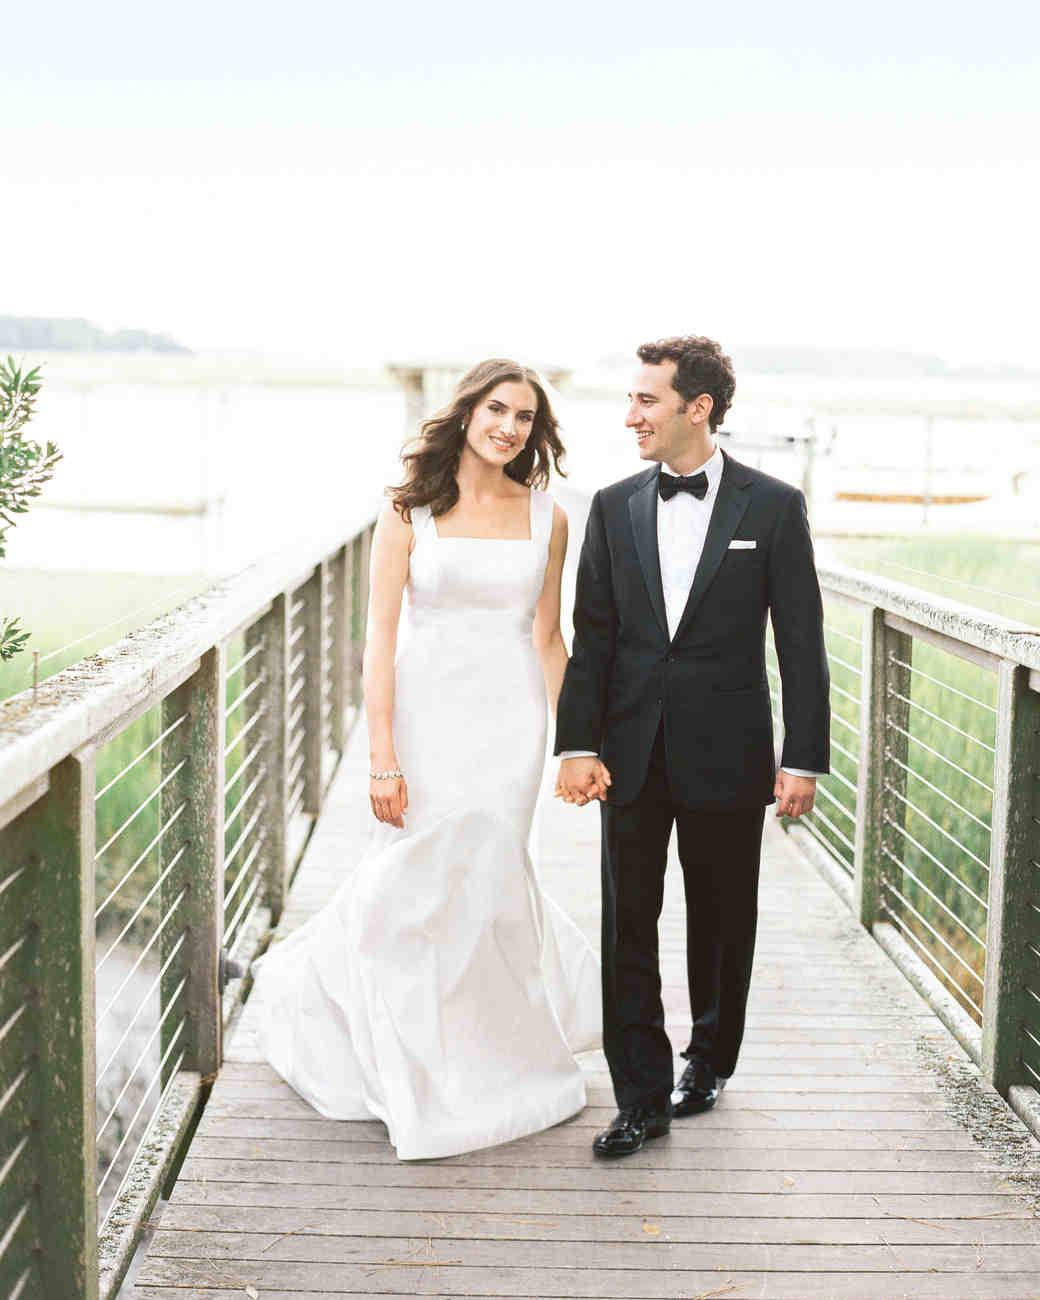 bride-groom-2013-lindsey-josh-0620-mwds110860.jpg